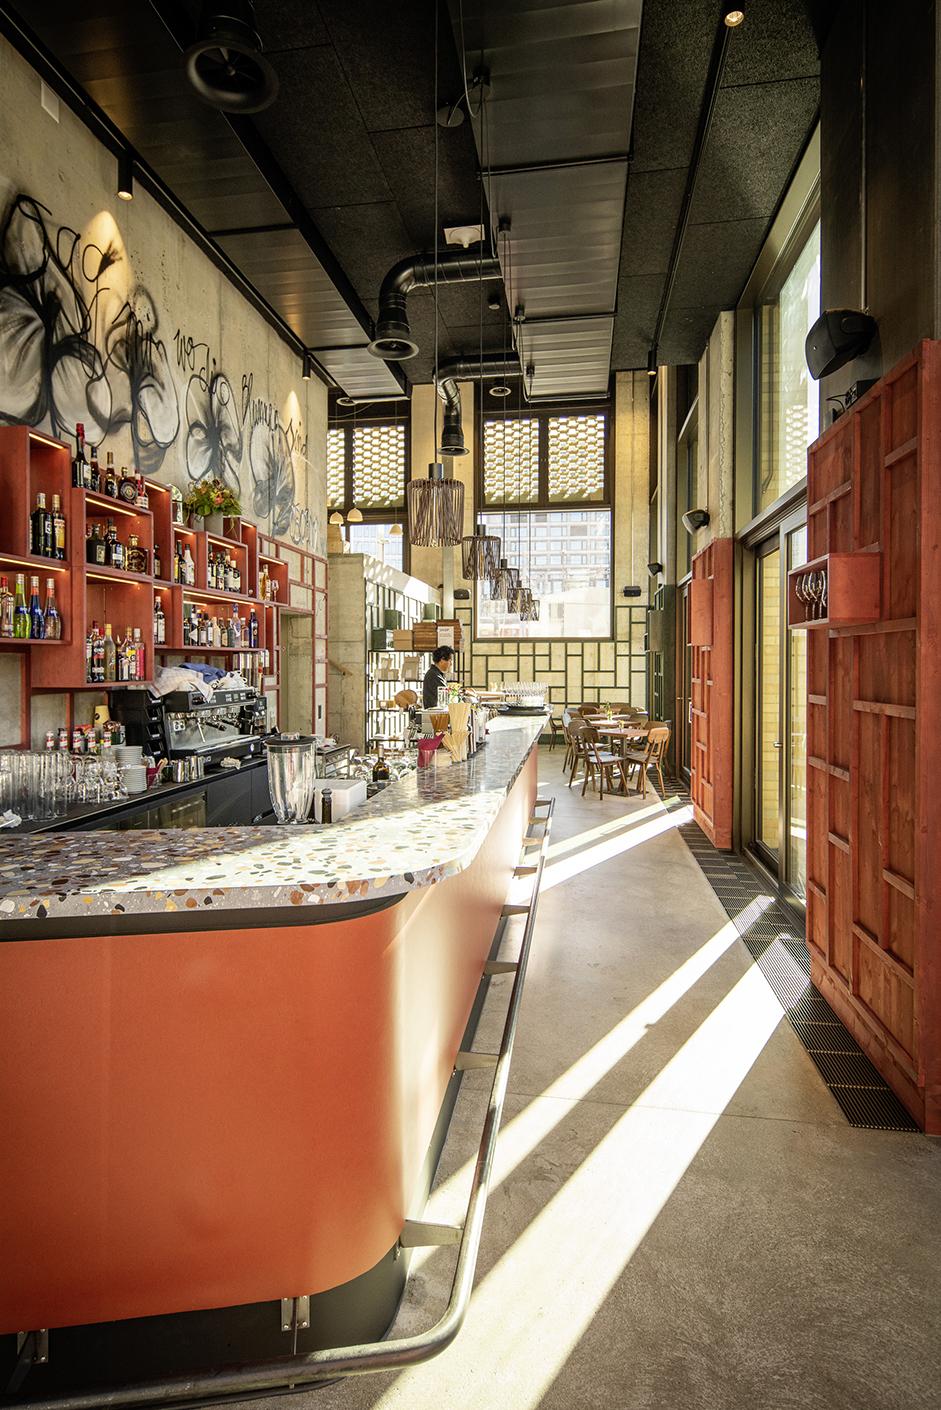 Blick zur Bar im Restaurant Zur Werkstatt Zürich